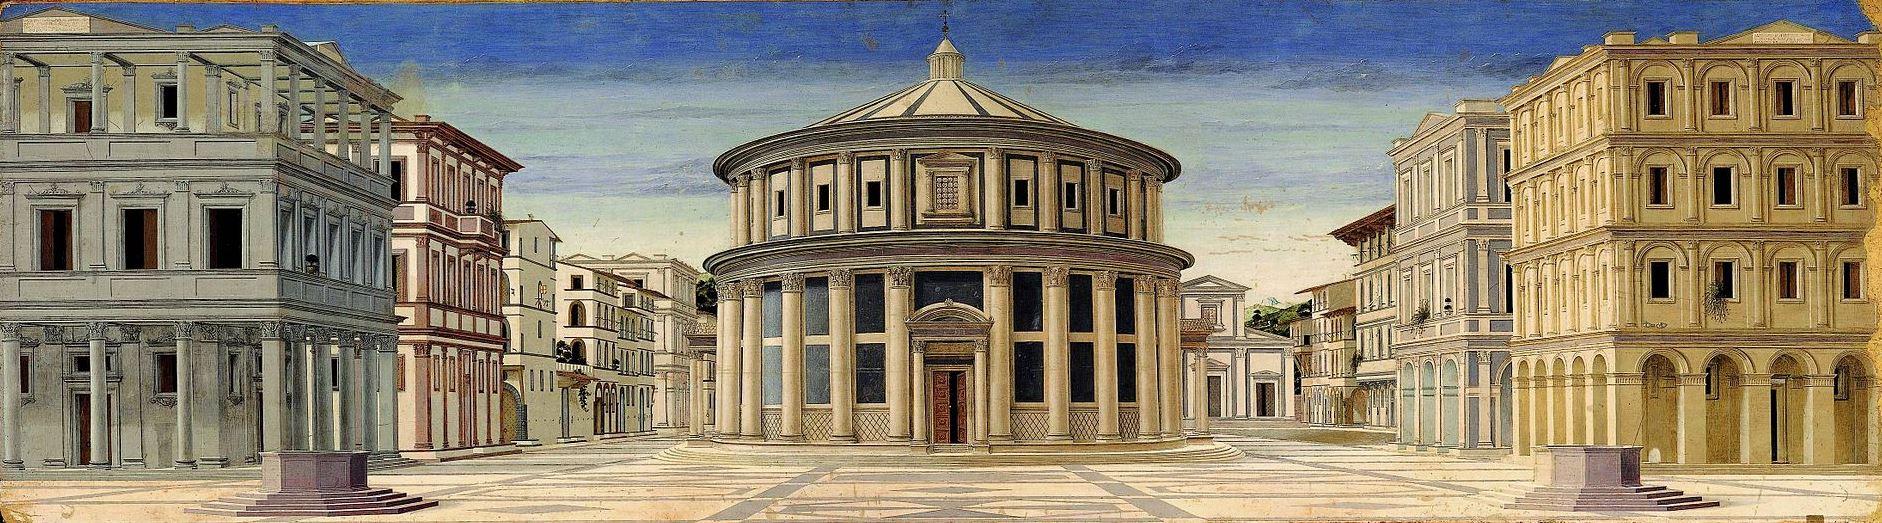 Неизвестный итальянский автор (предположительно Пьеро делла Франческа) - Идеальный город (около 1470 или позднее - до начала XVI в.)